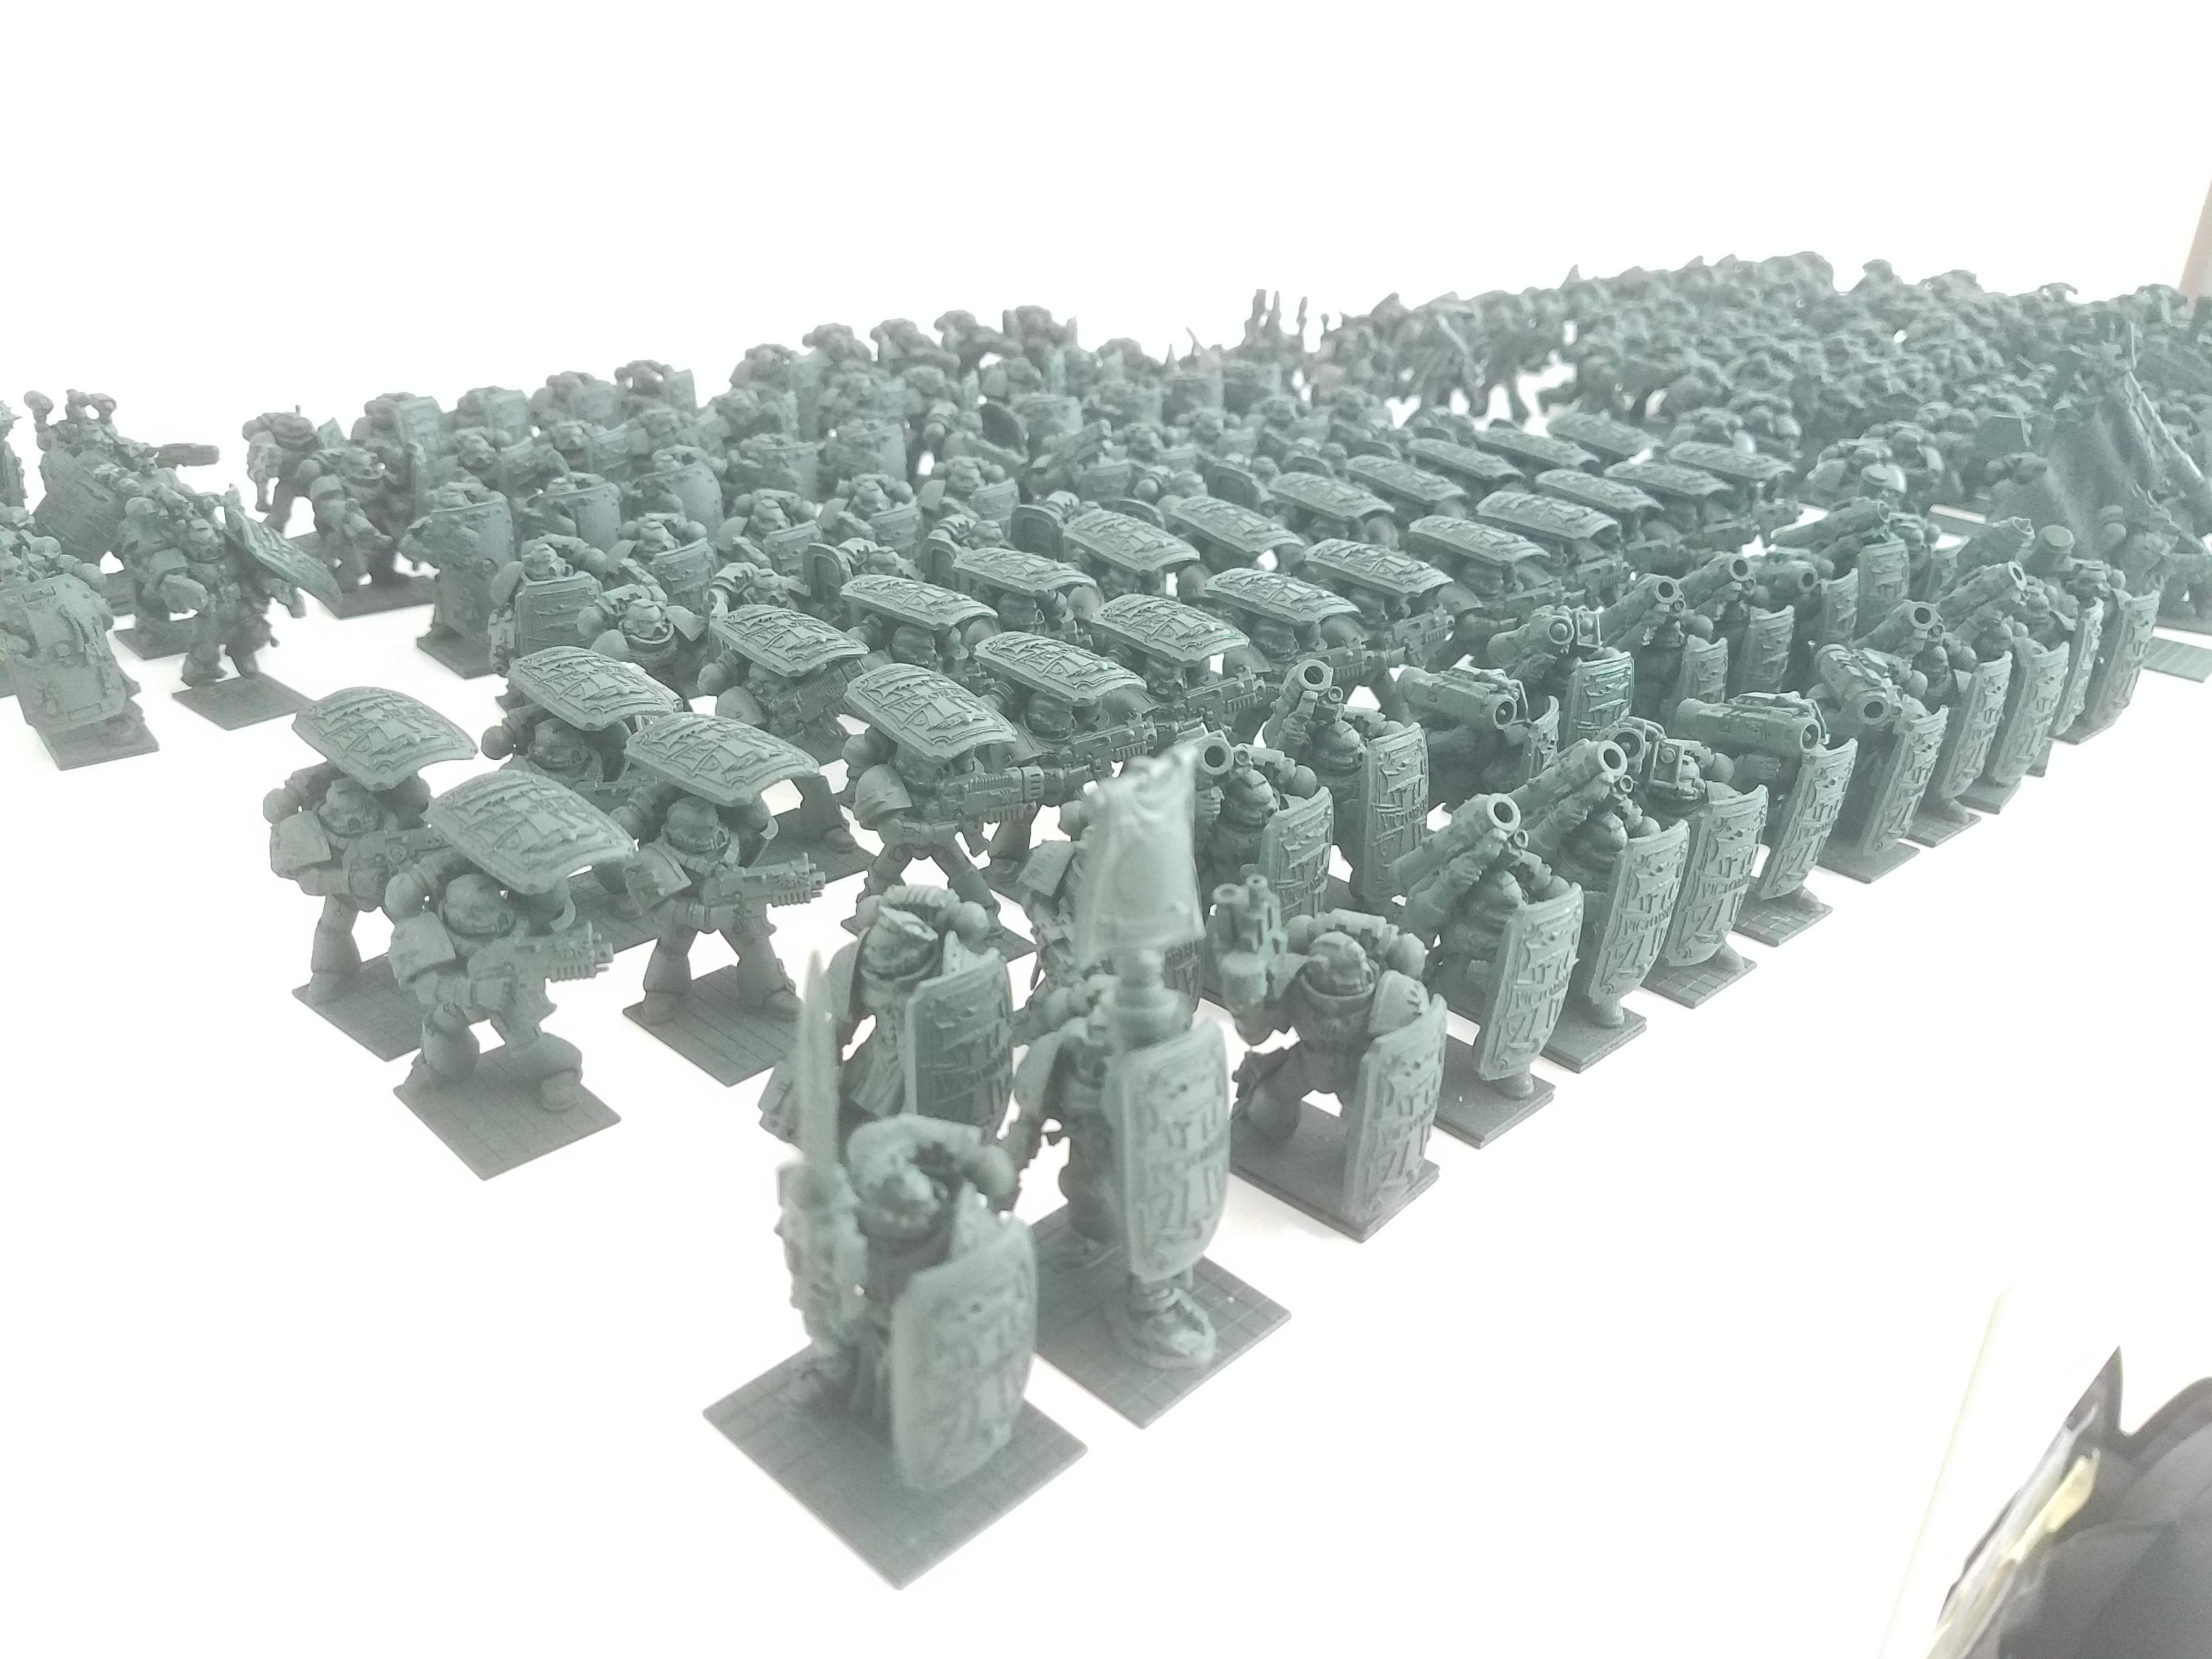 Astartes, Company, Dark Angels, Space Marines, Superhuman, Warhammer 40,000, Warhammer Fantasy